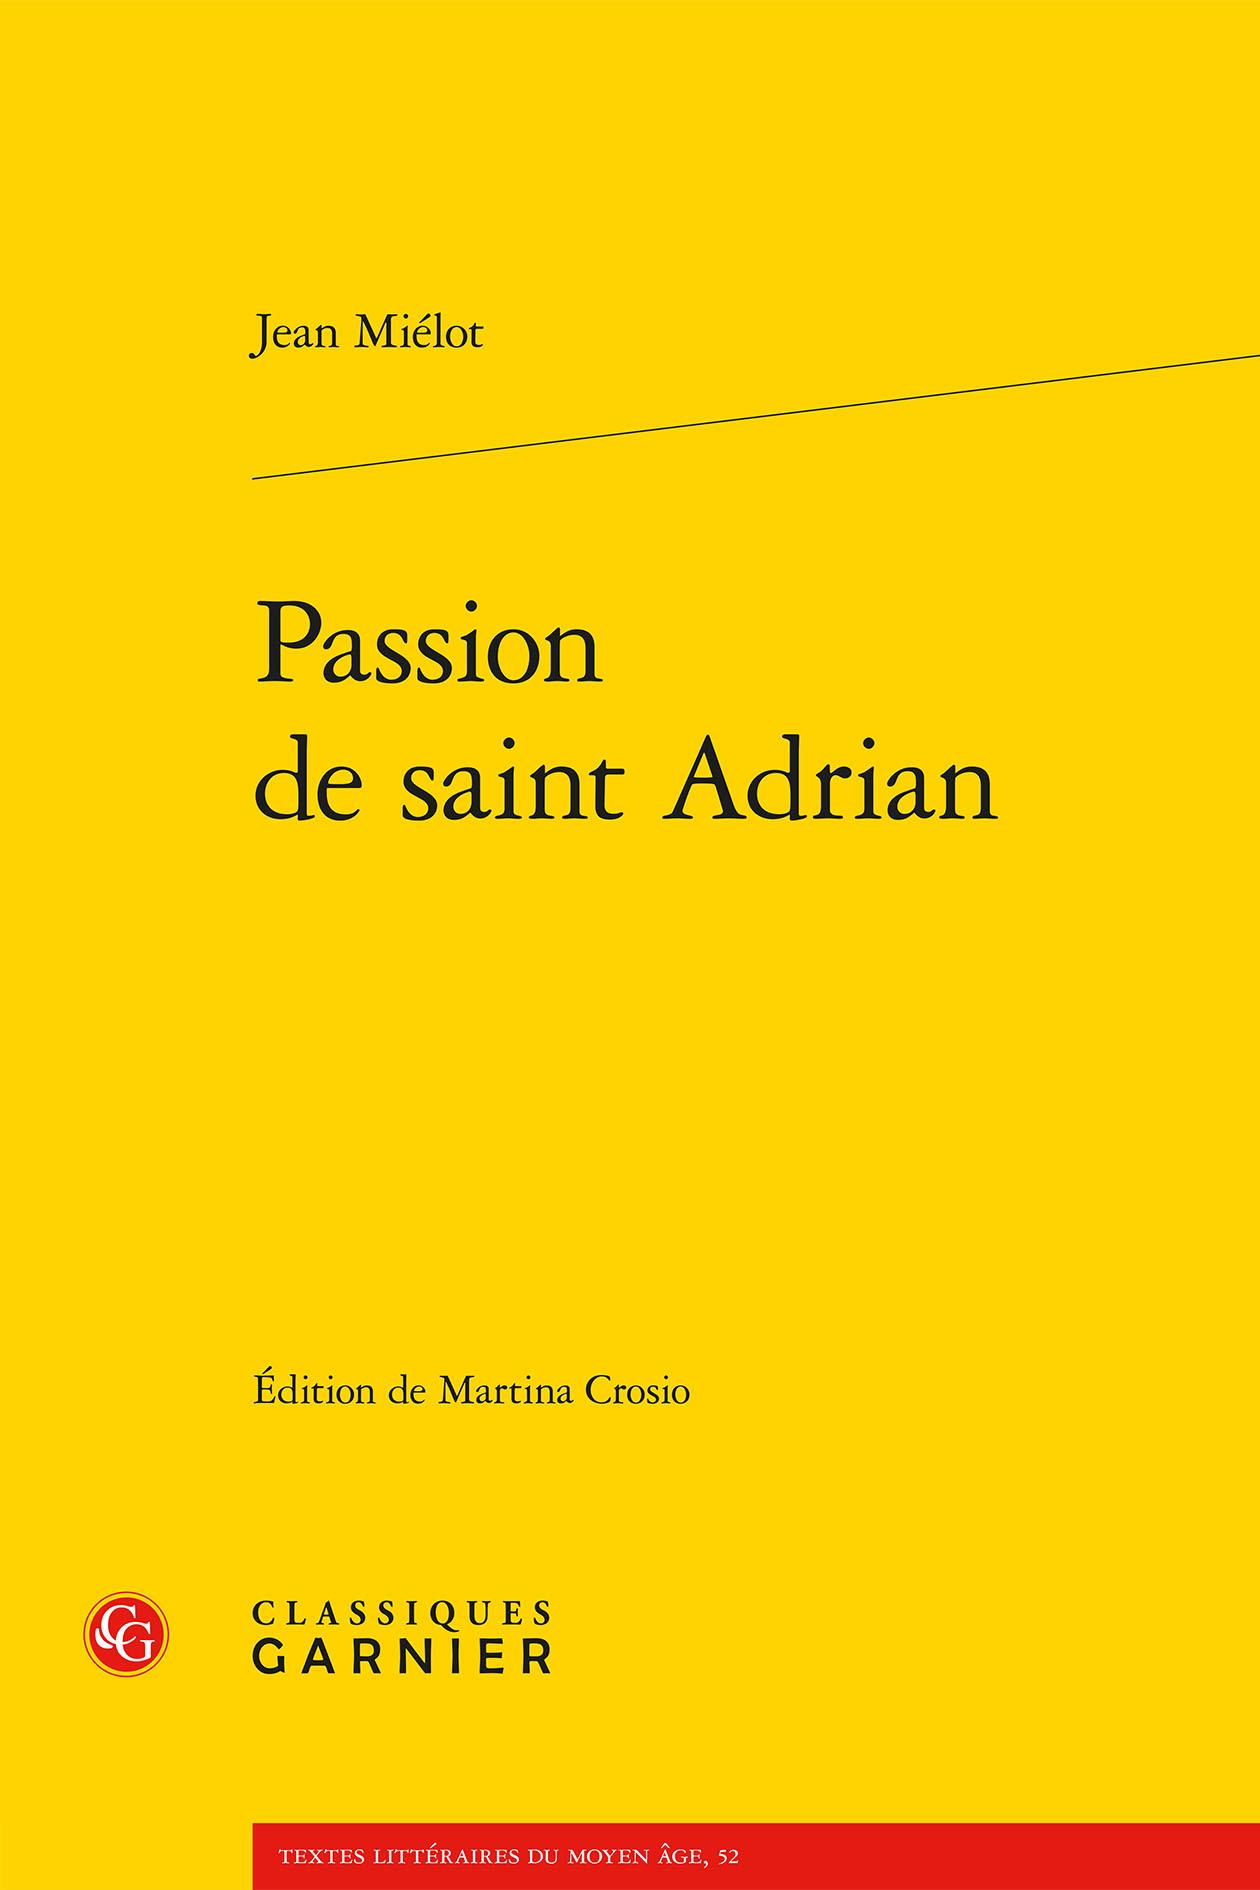 PASSION DE SAINT ADRIAN